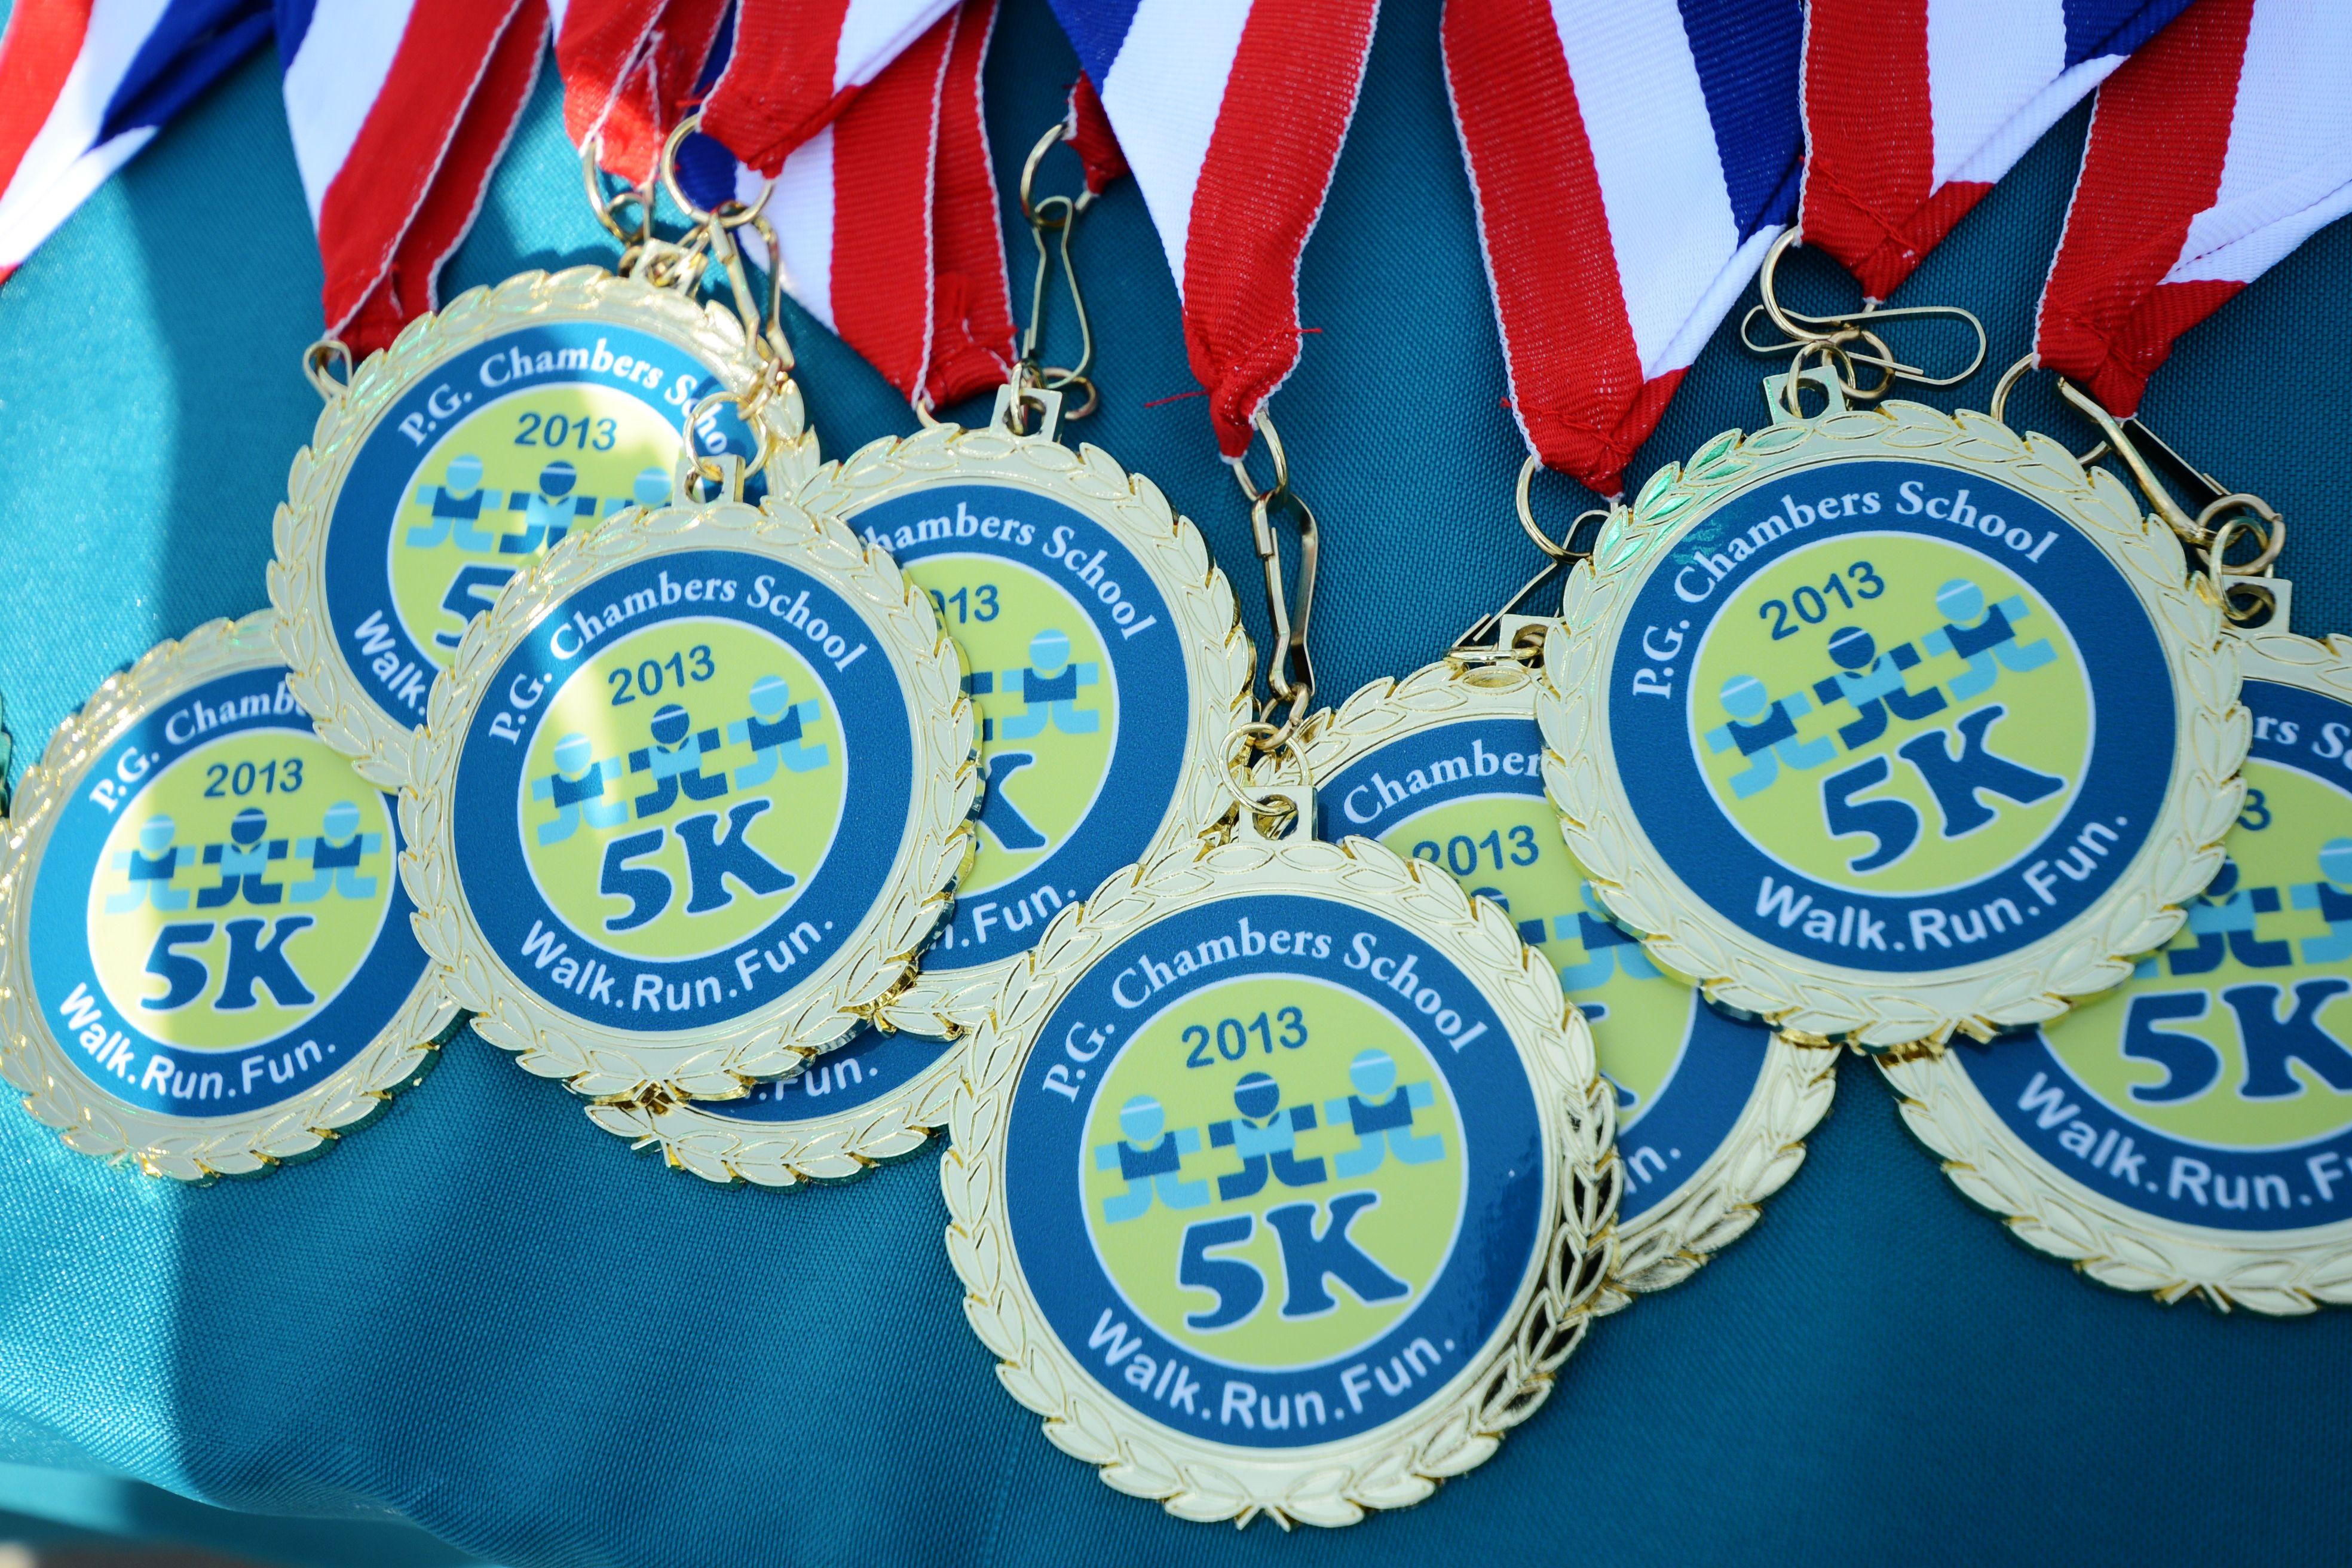 Walk Run Fun 5k Winner Medals Ambersschool